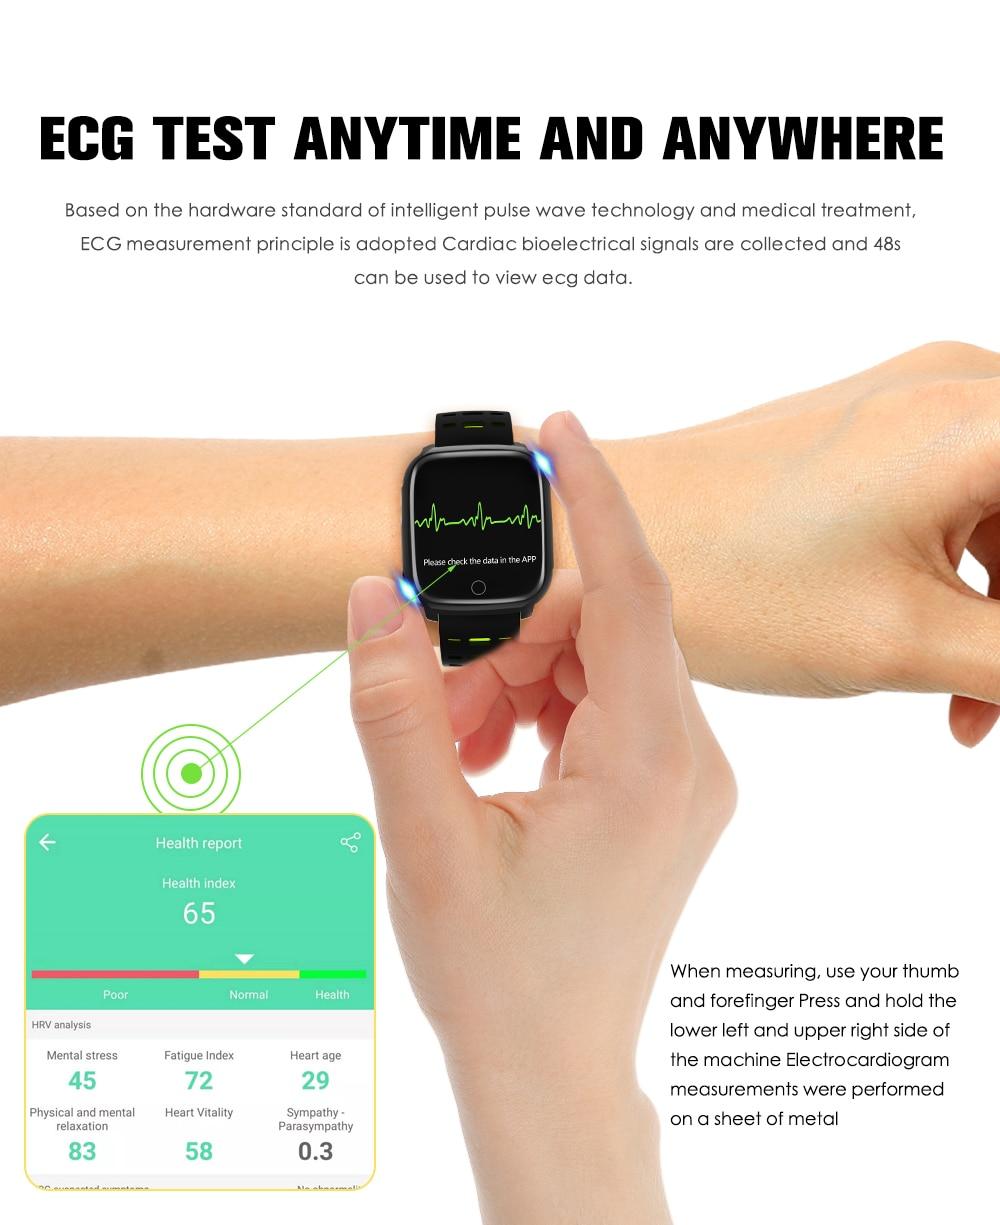 696 f16 inteligente pulseira ecg + ppg